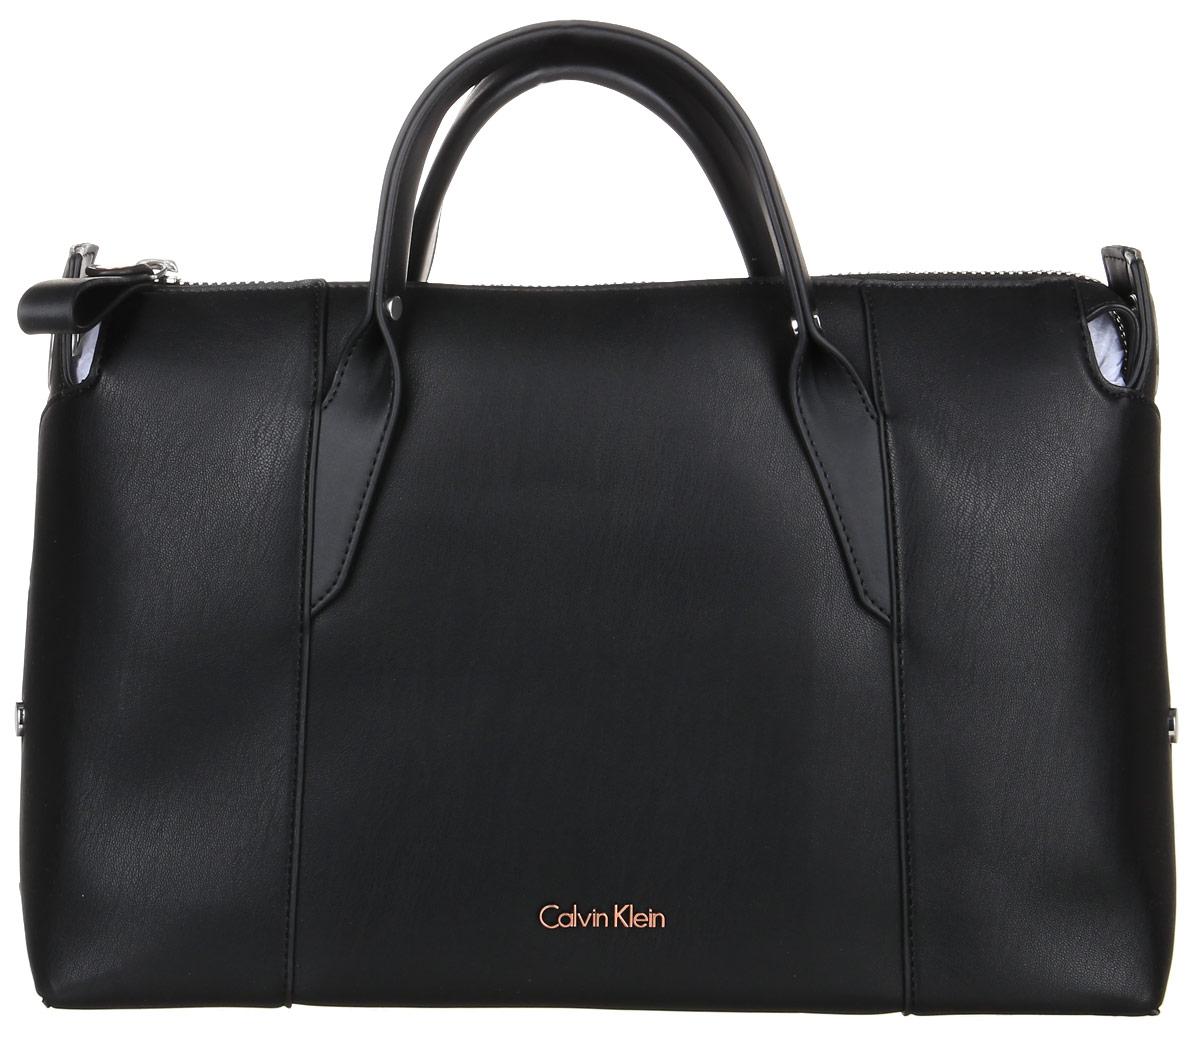 Сумка женская Calvin Klein Jeans, цвет: черный. K60K602077_001K60K602077_001Стильная сумка Calvin Klein Jeans выполнена из полиуретана. Изделие содержит одно большое отделение, которое закрывается на застежку-молнию. Внутри сумки размещено два накладных кармашка для мелочей и один прорезной на застежке-молнии. Сумка оснащена плечевым ремнем регулируемой длины. Оформлена модель металлической пластиной с названием бренда и металлическими кнопками. В комплекте с изделием поставляется чехол для хранения.